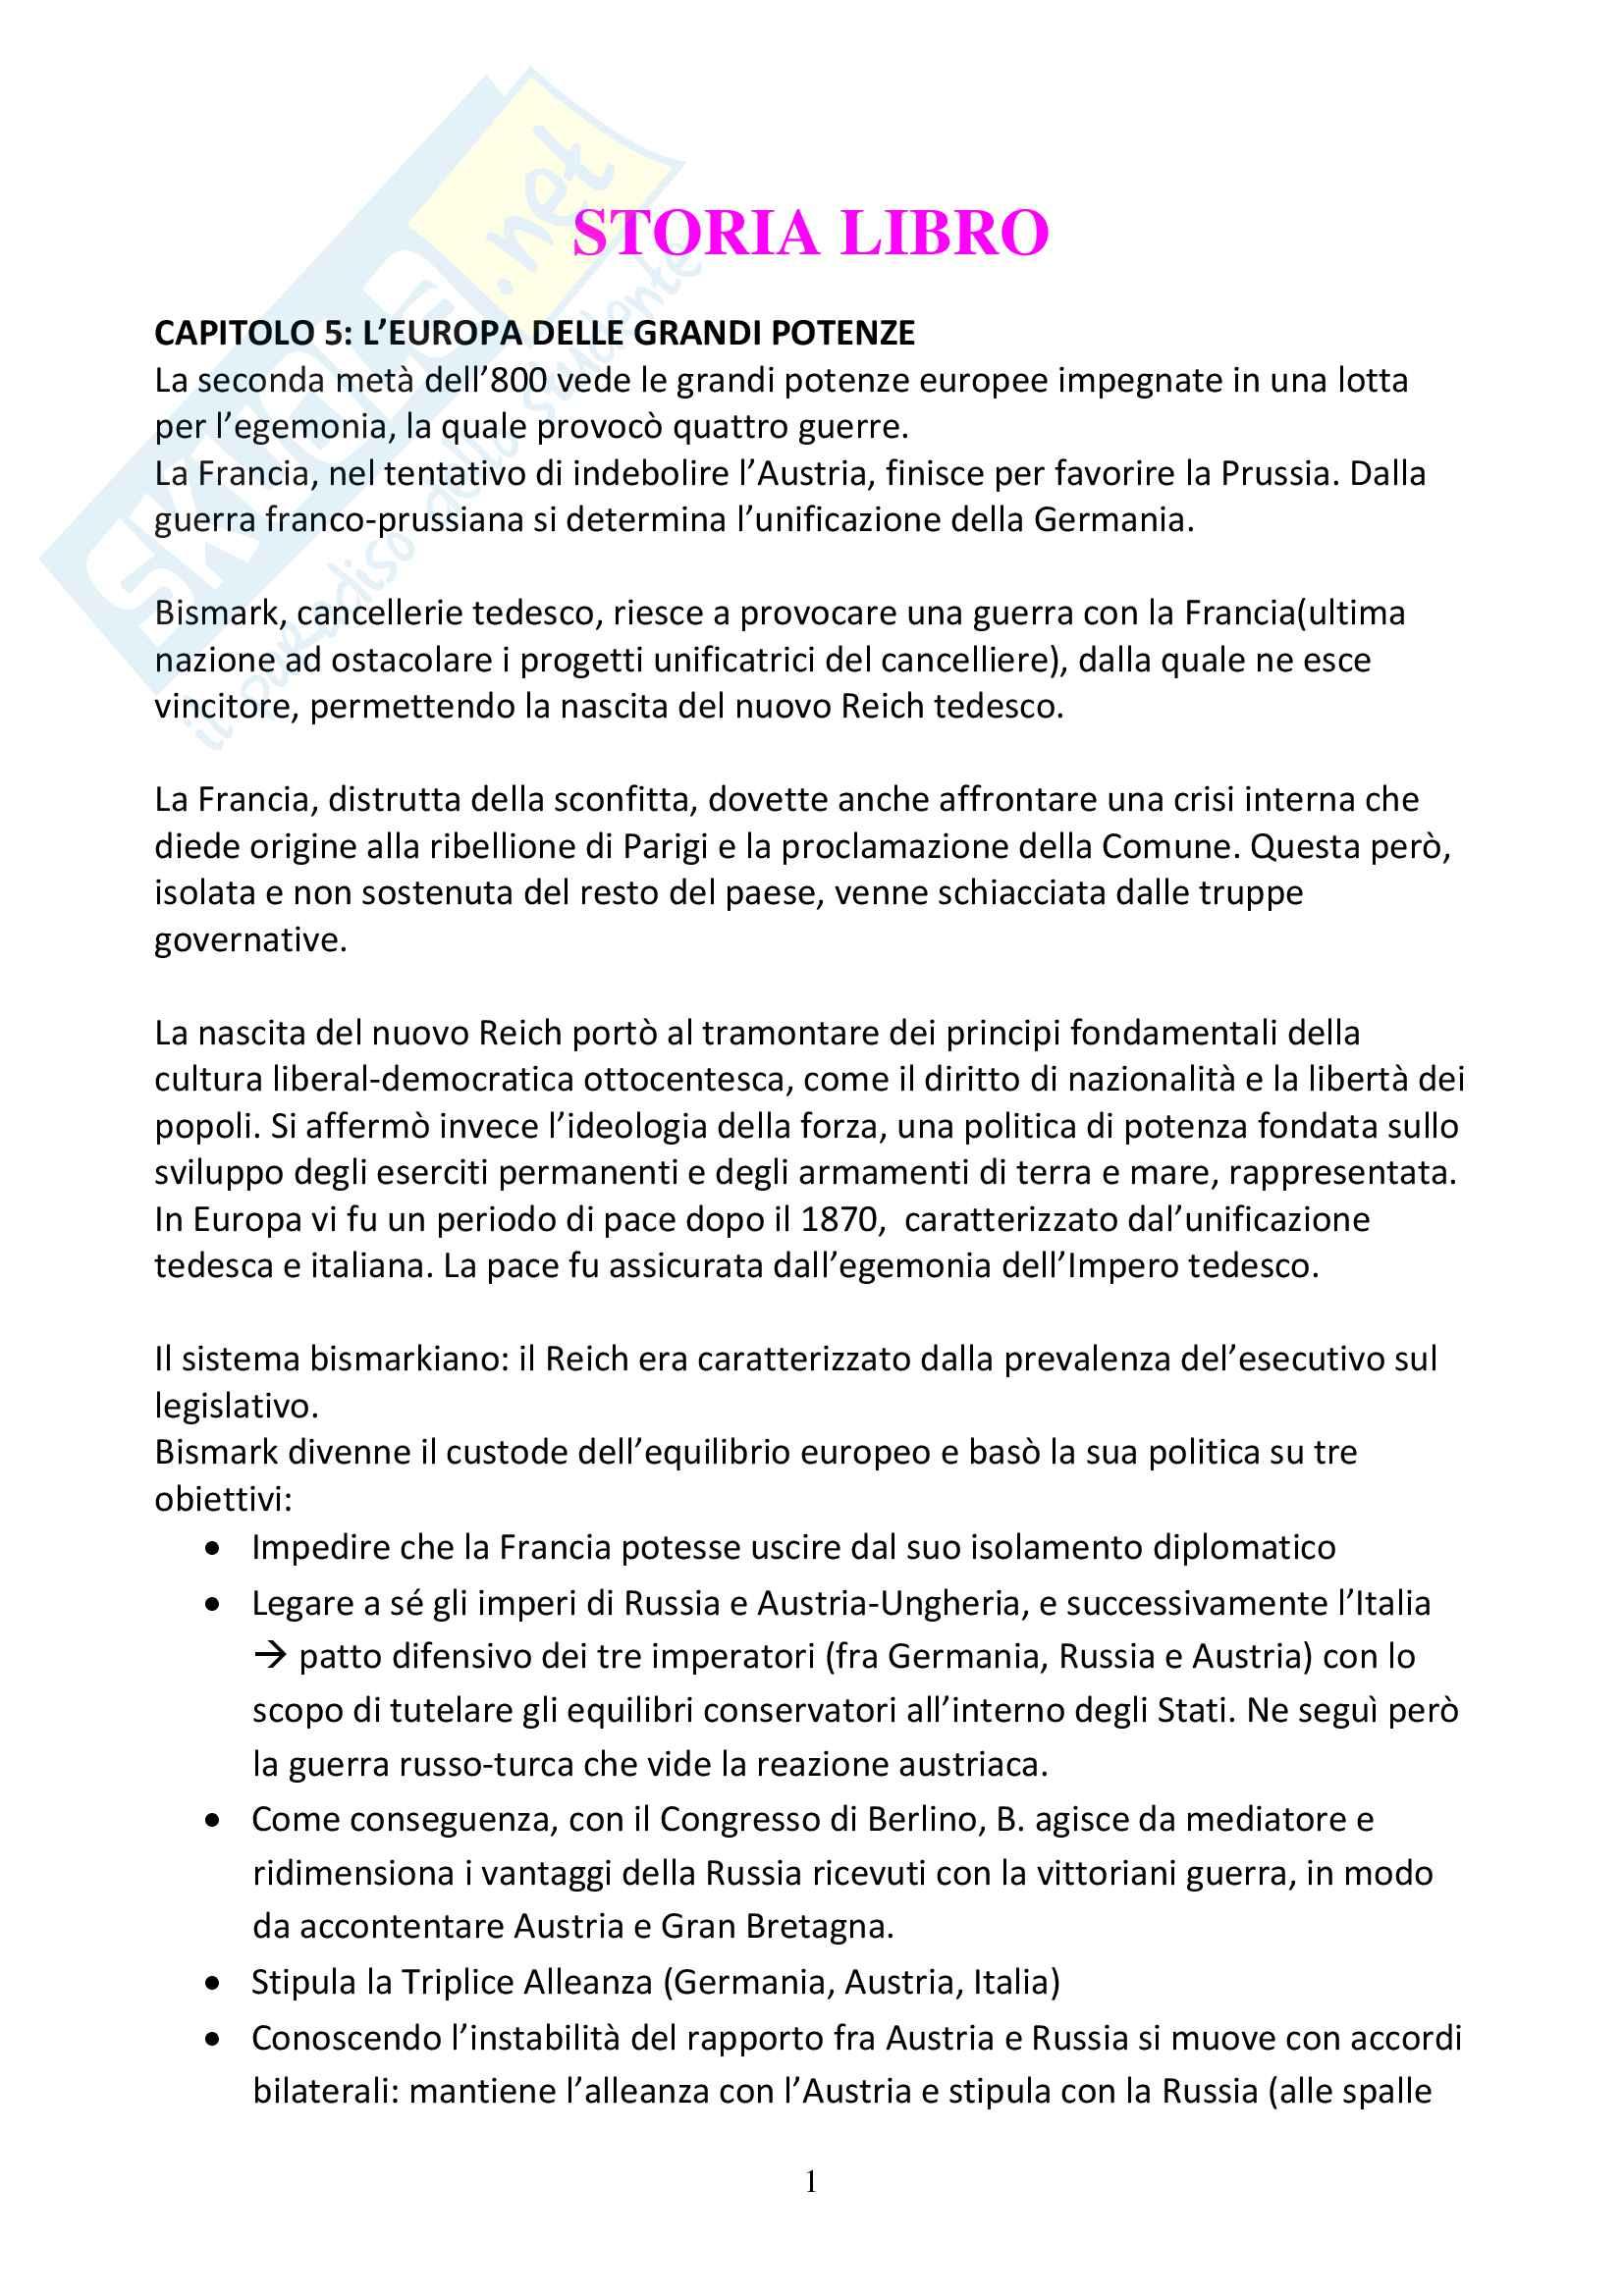 """Riassunto esame storia contemporanea, docente Del Zanna, libro consigliato """"Il mondo contemporaneo dal 1848 a oggi"""" di G. Sabatucci e V. Vidotto"""